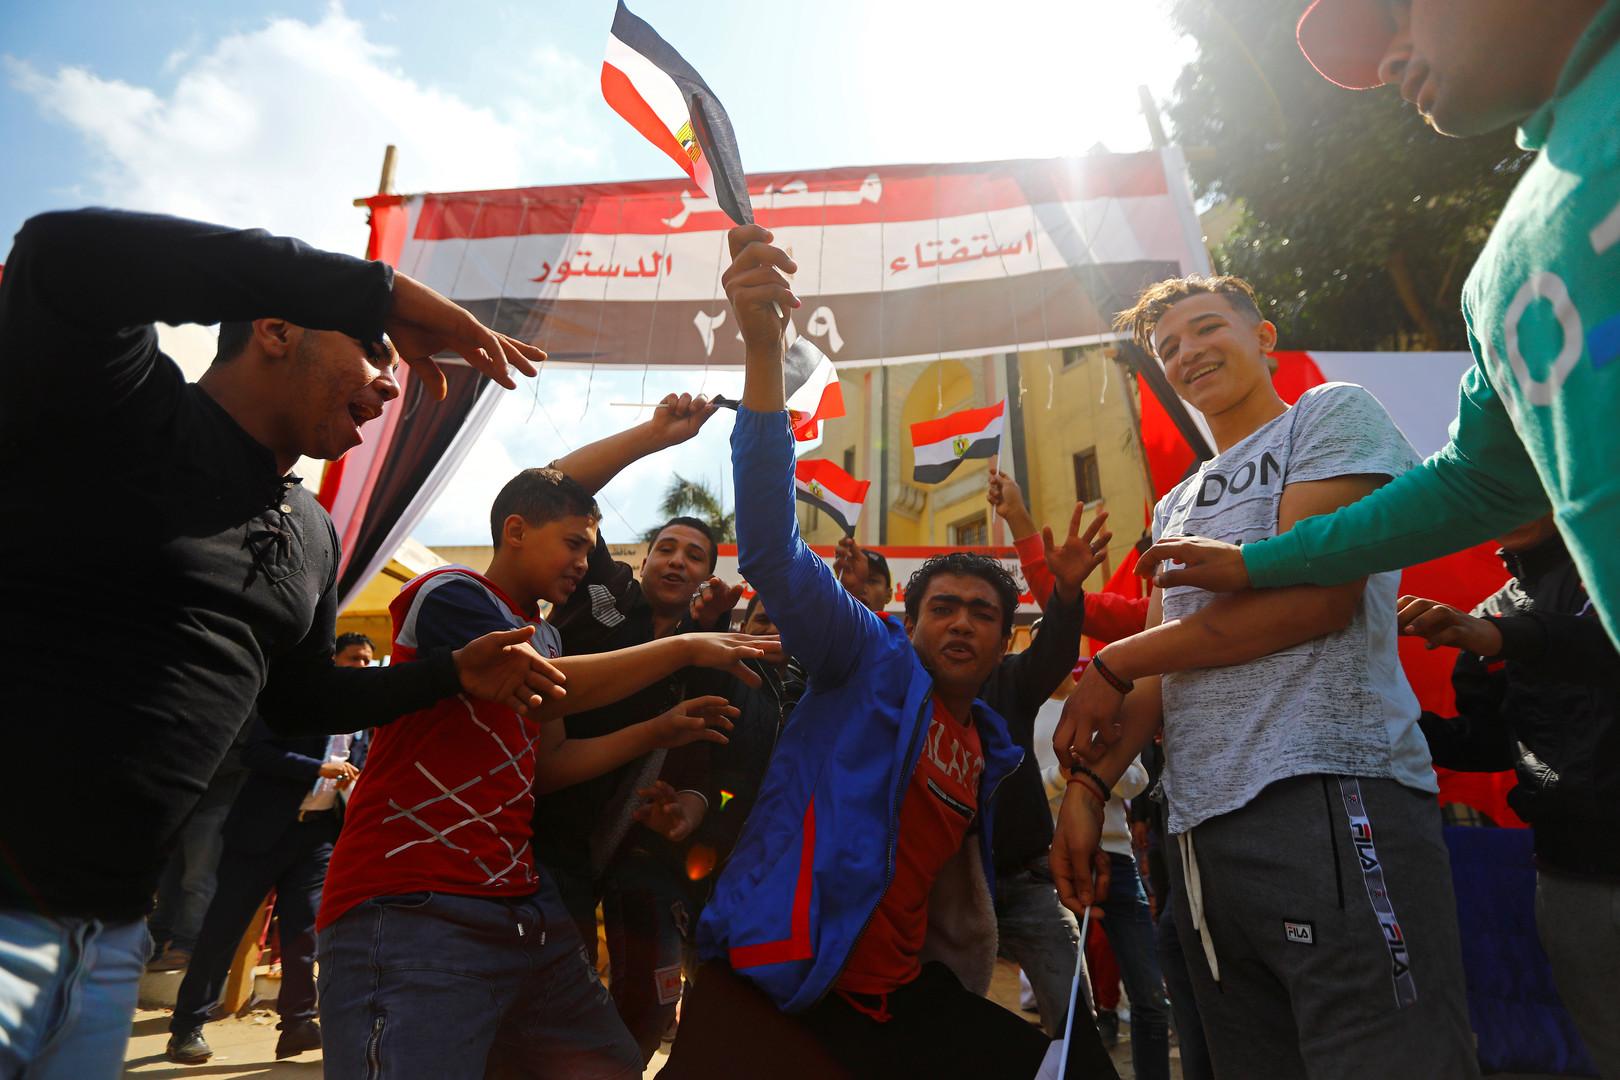 مشاركون في الاستفتاء حول التعديلات الدستورية في مصر